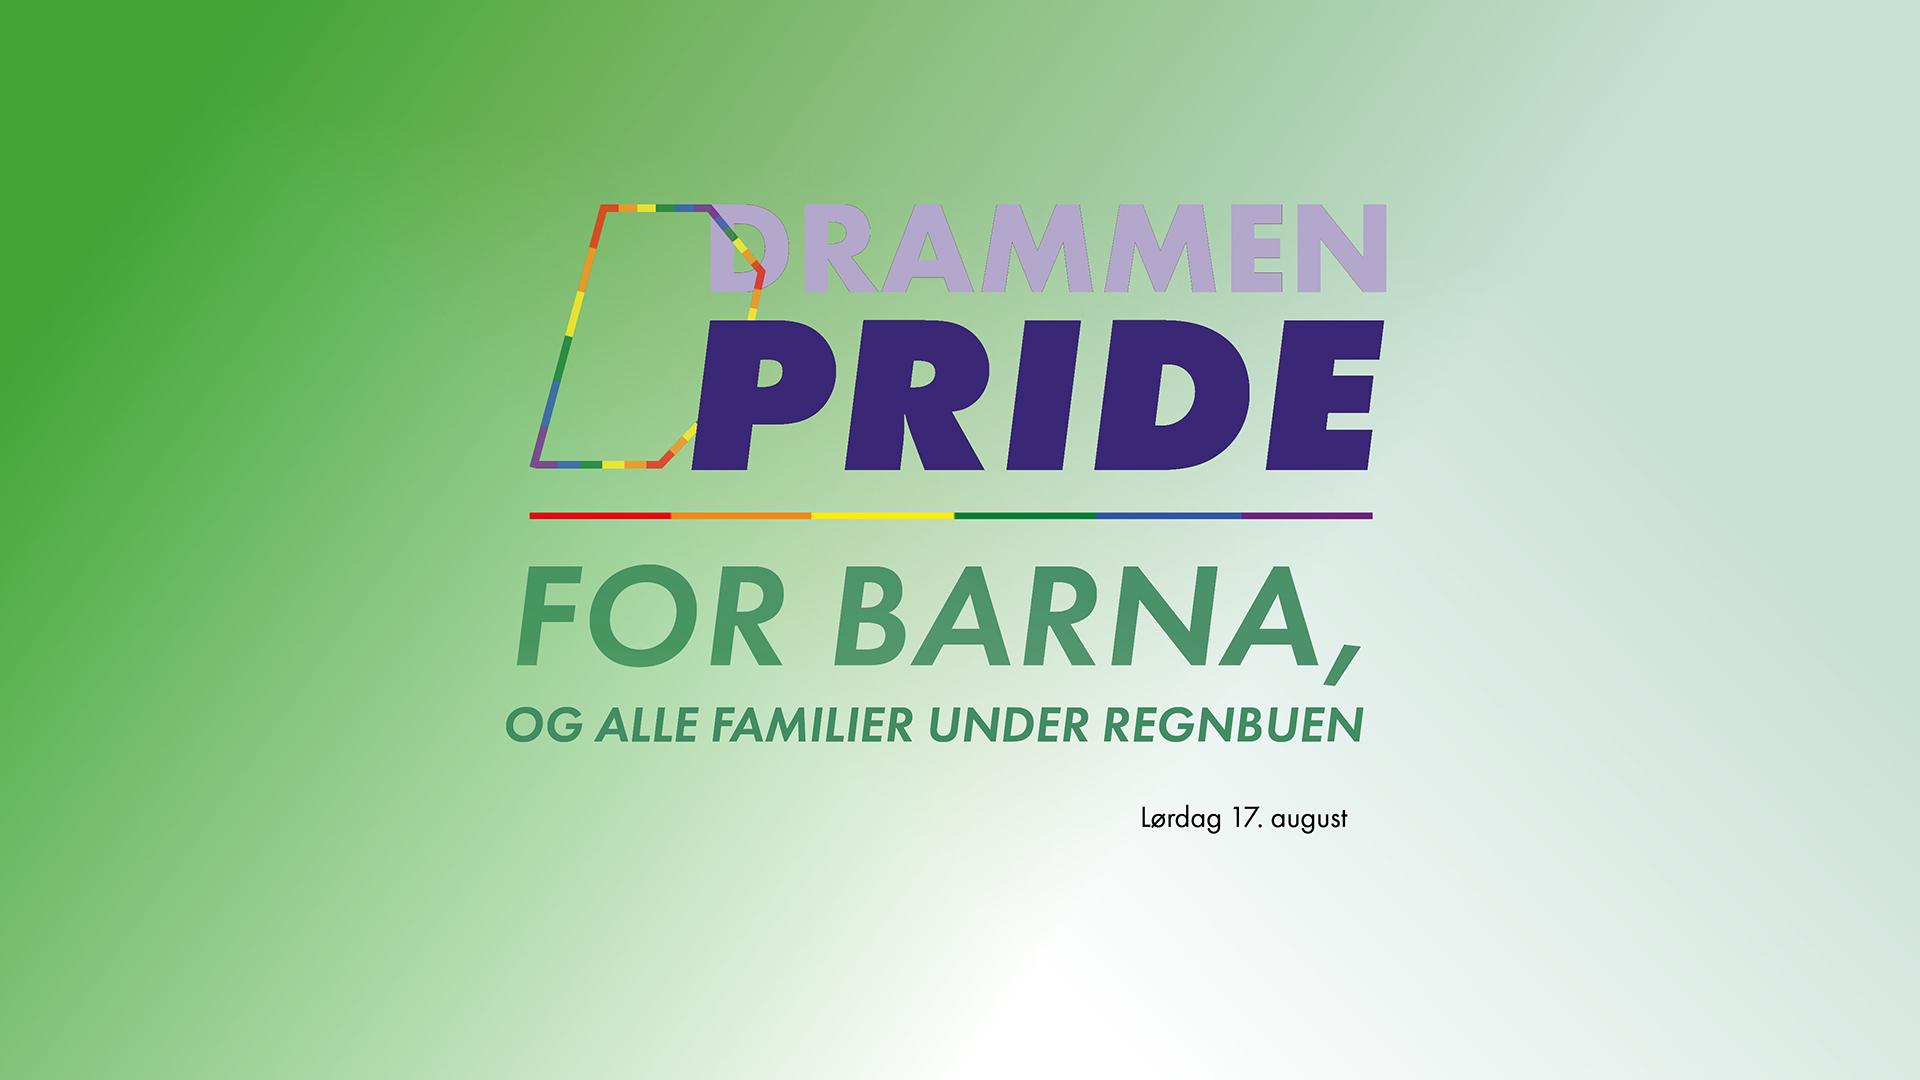 Drammen Pride for barna og familier under regnbuen